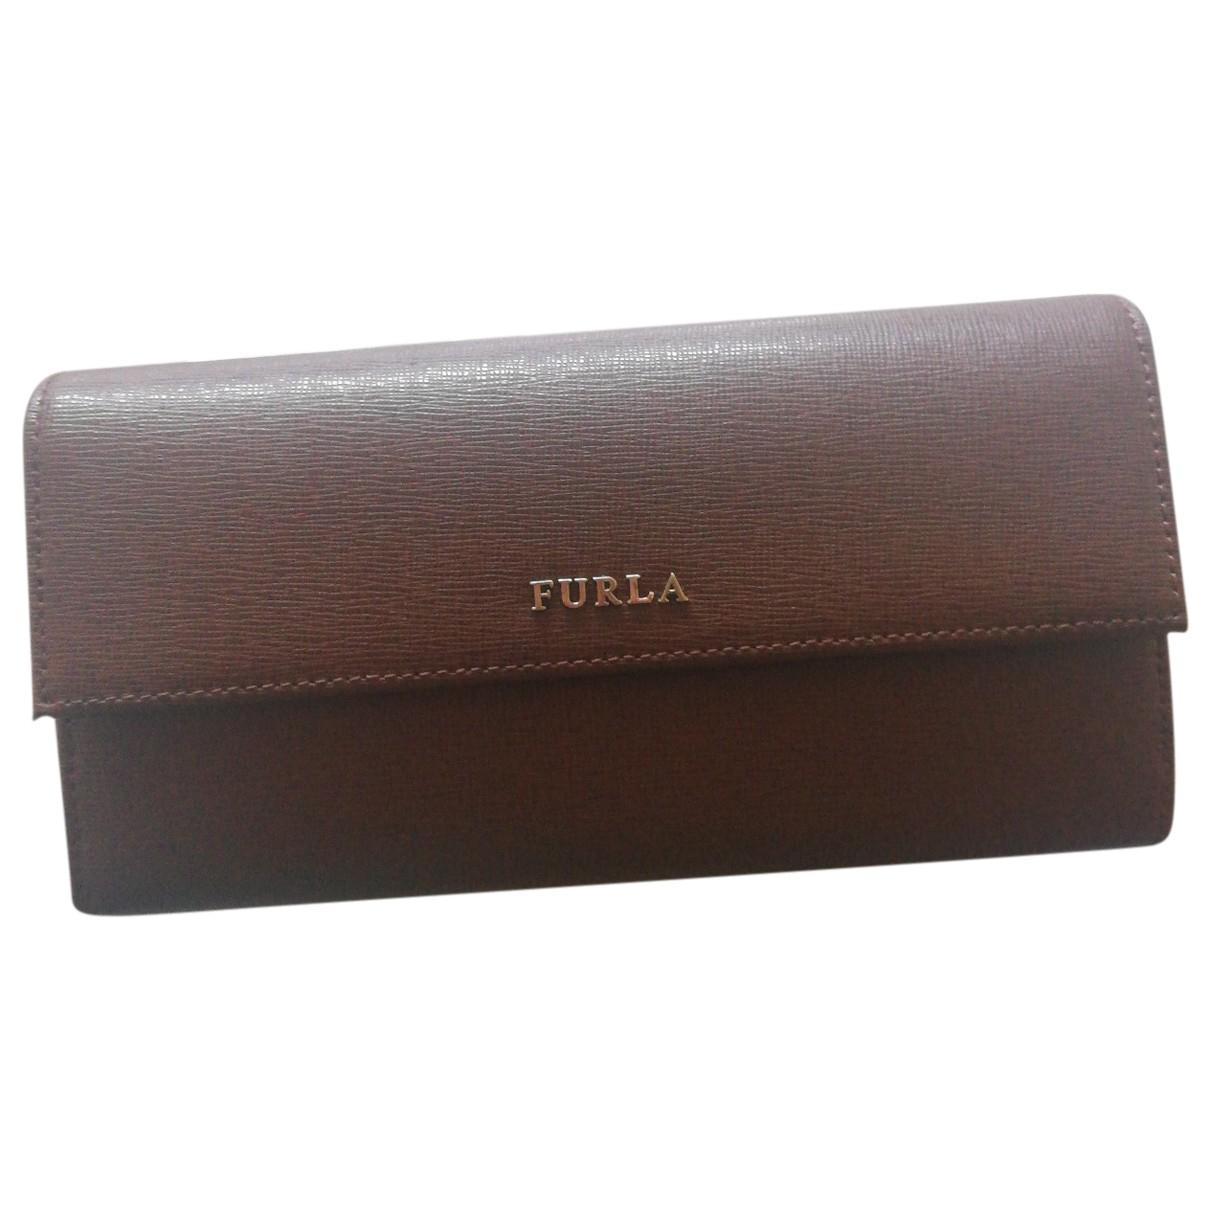 Furla \N Brown Leather wallet for Women \N